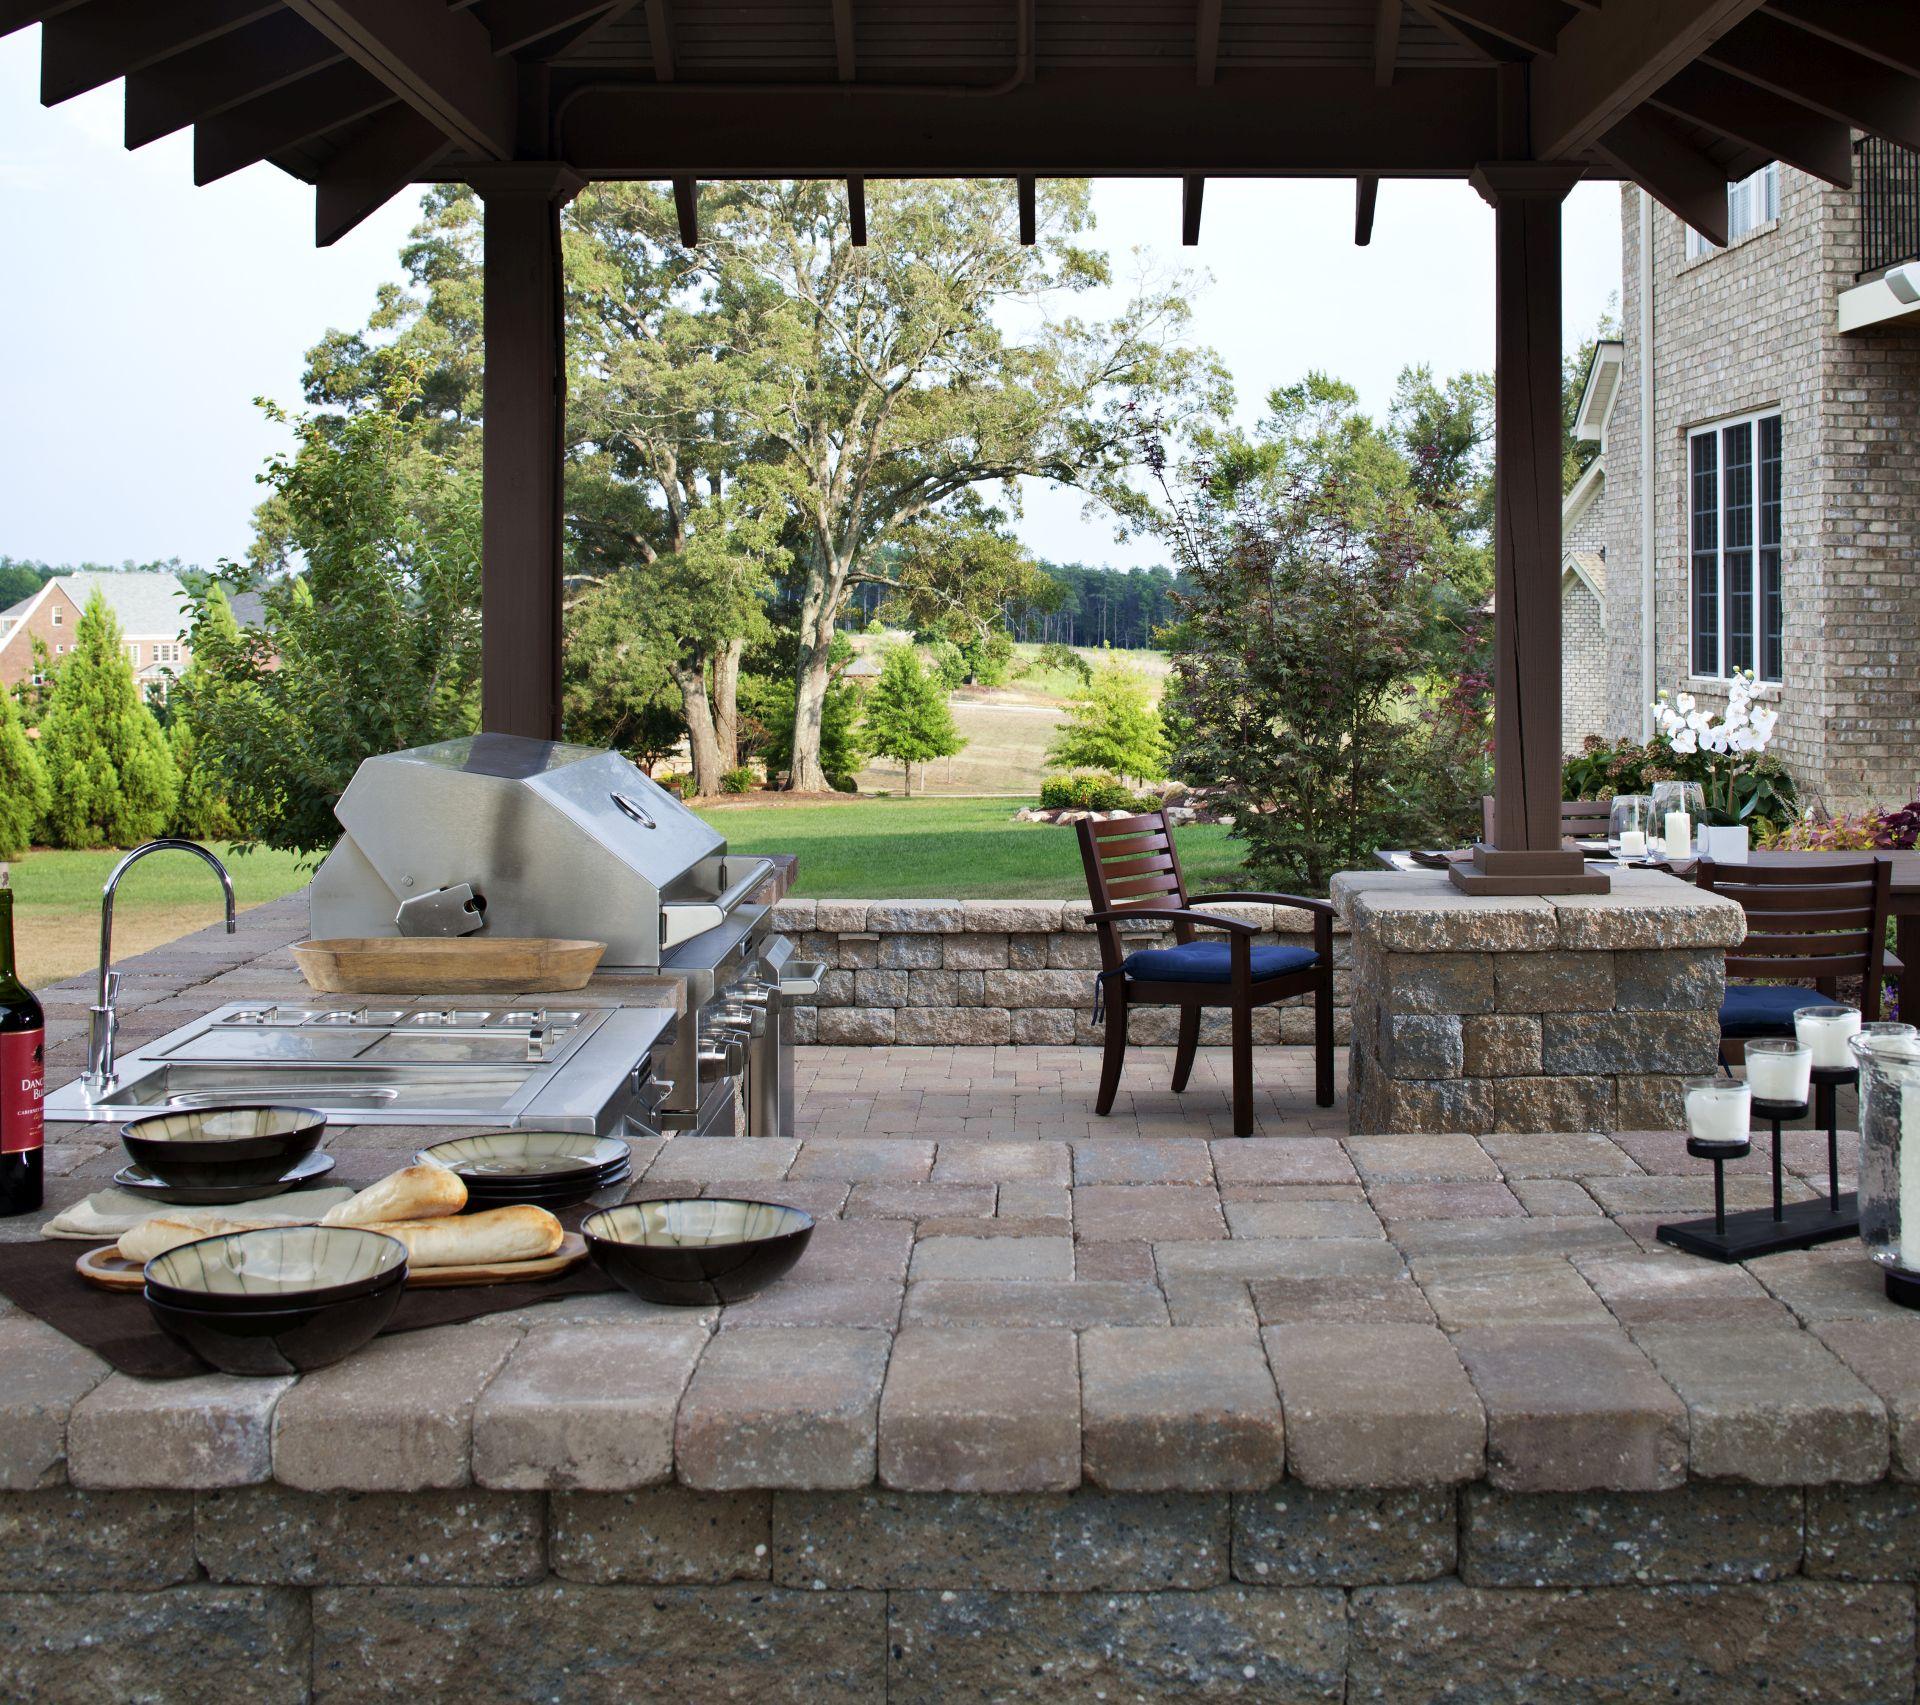 outdoor kitchen countertops ideas kitchen countertop material Outdoor Kitchen Countertop Ideas